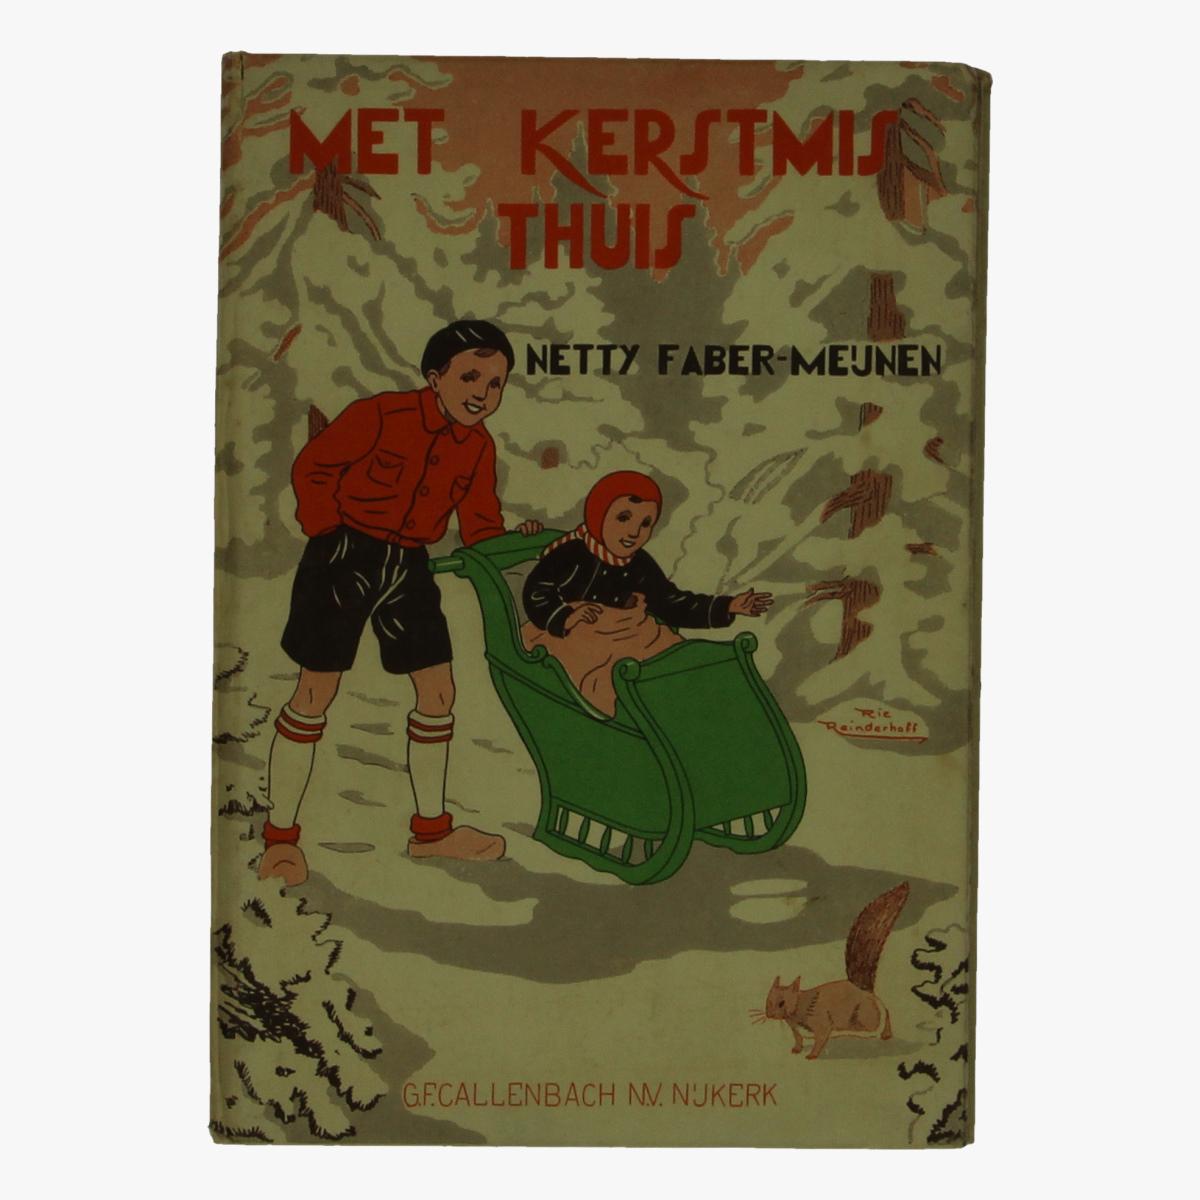 Afbeeldingen van boek Met Kerstmis thuis